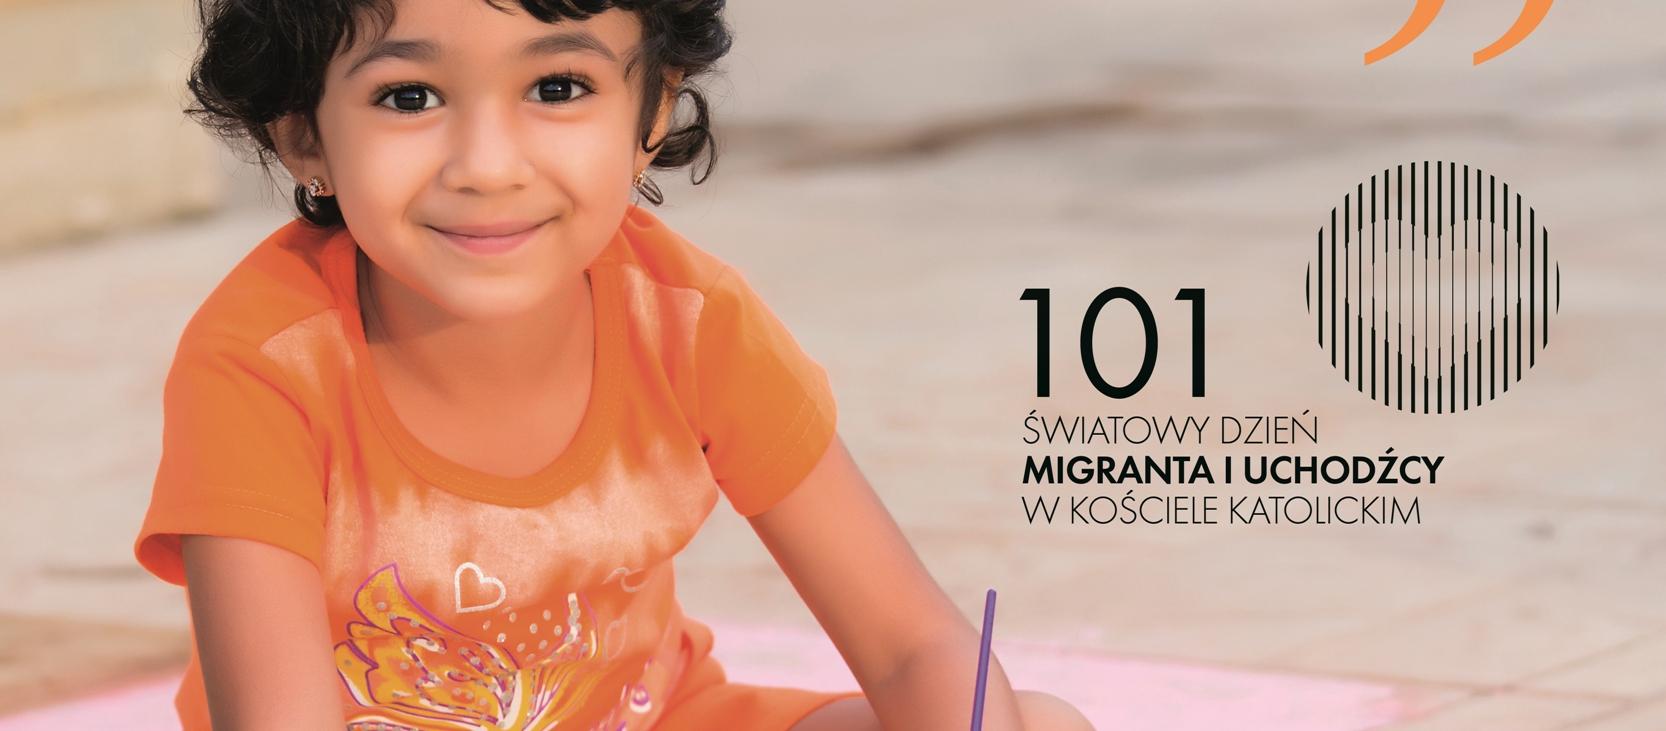 Poszerzyć granicę serca – Dzień Migranta i Uchodźcy